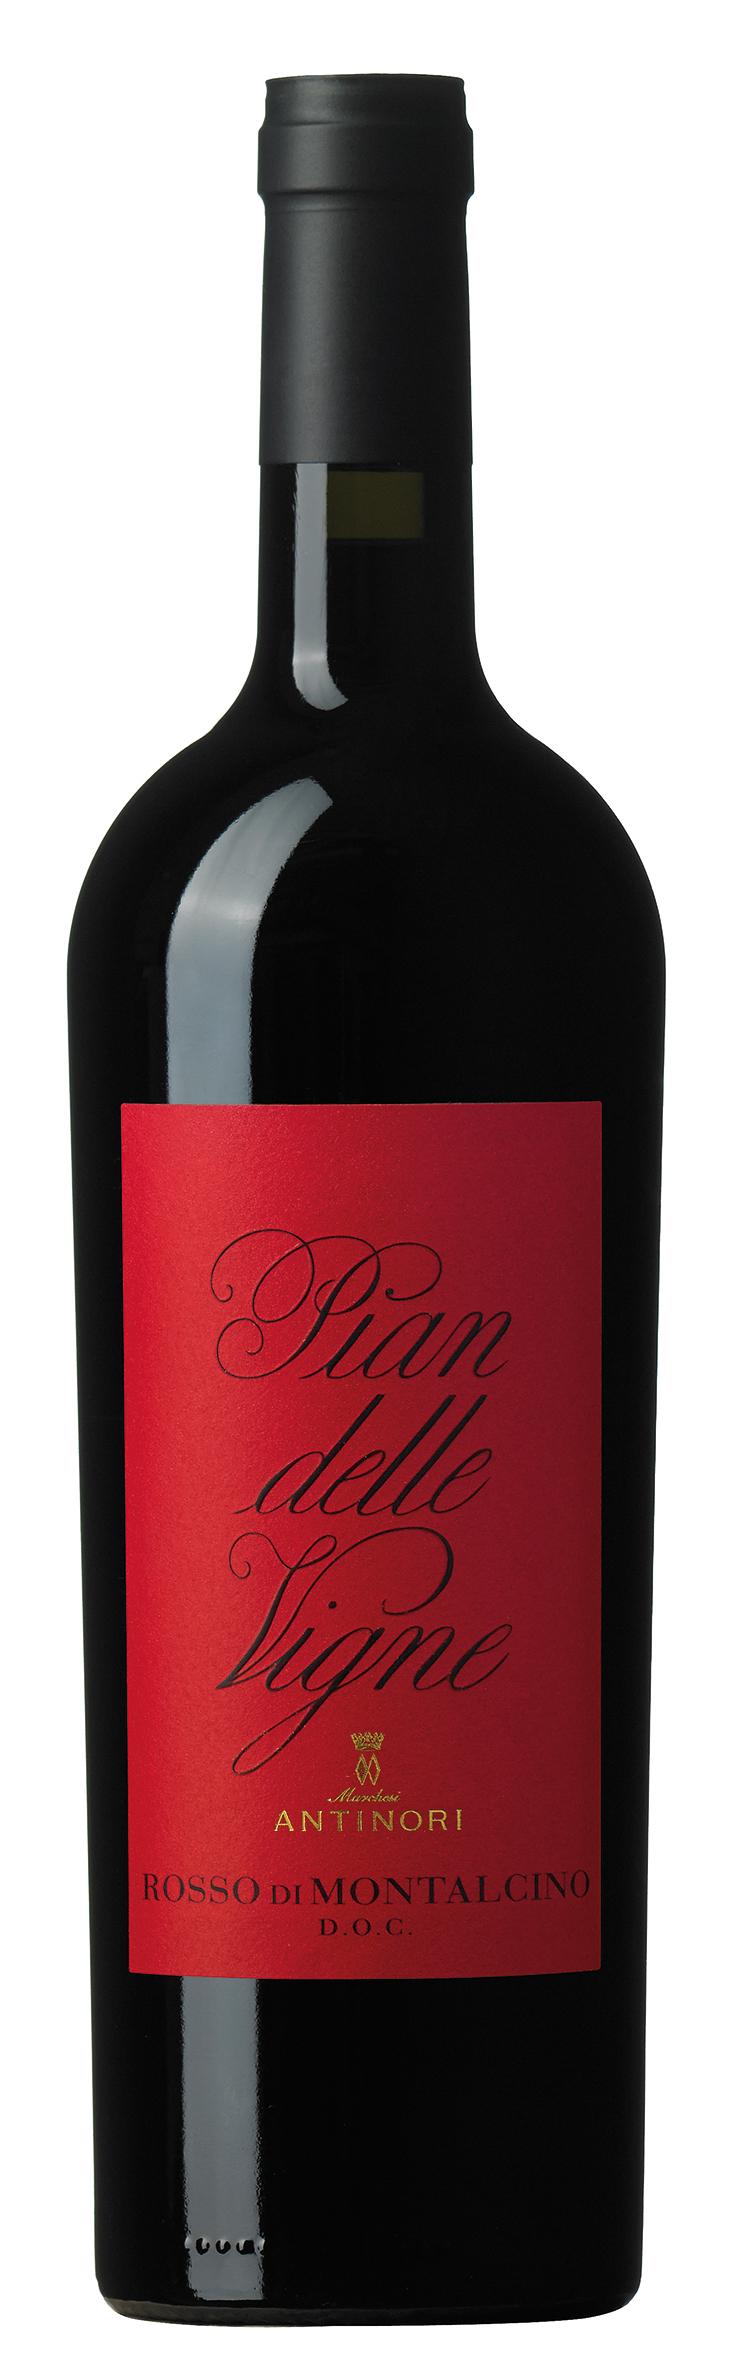 2014 Pian delle Vigne Rosso di Montalcino DOC Antinori - Tenuta Pian delle Vigne